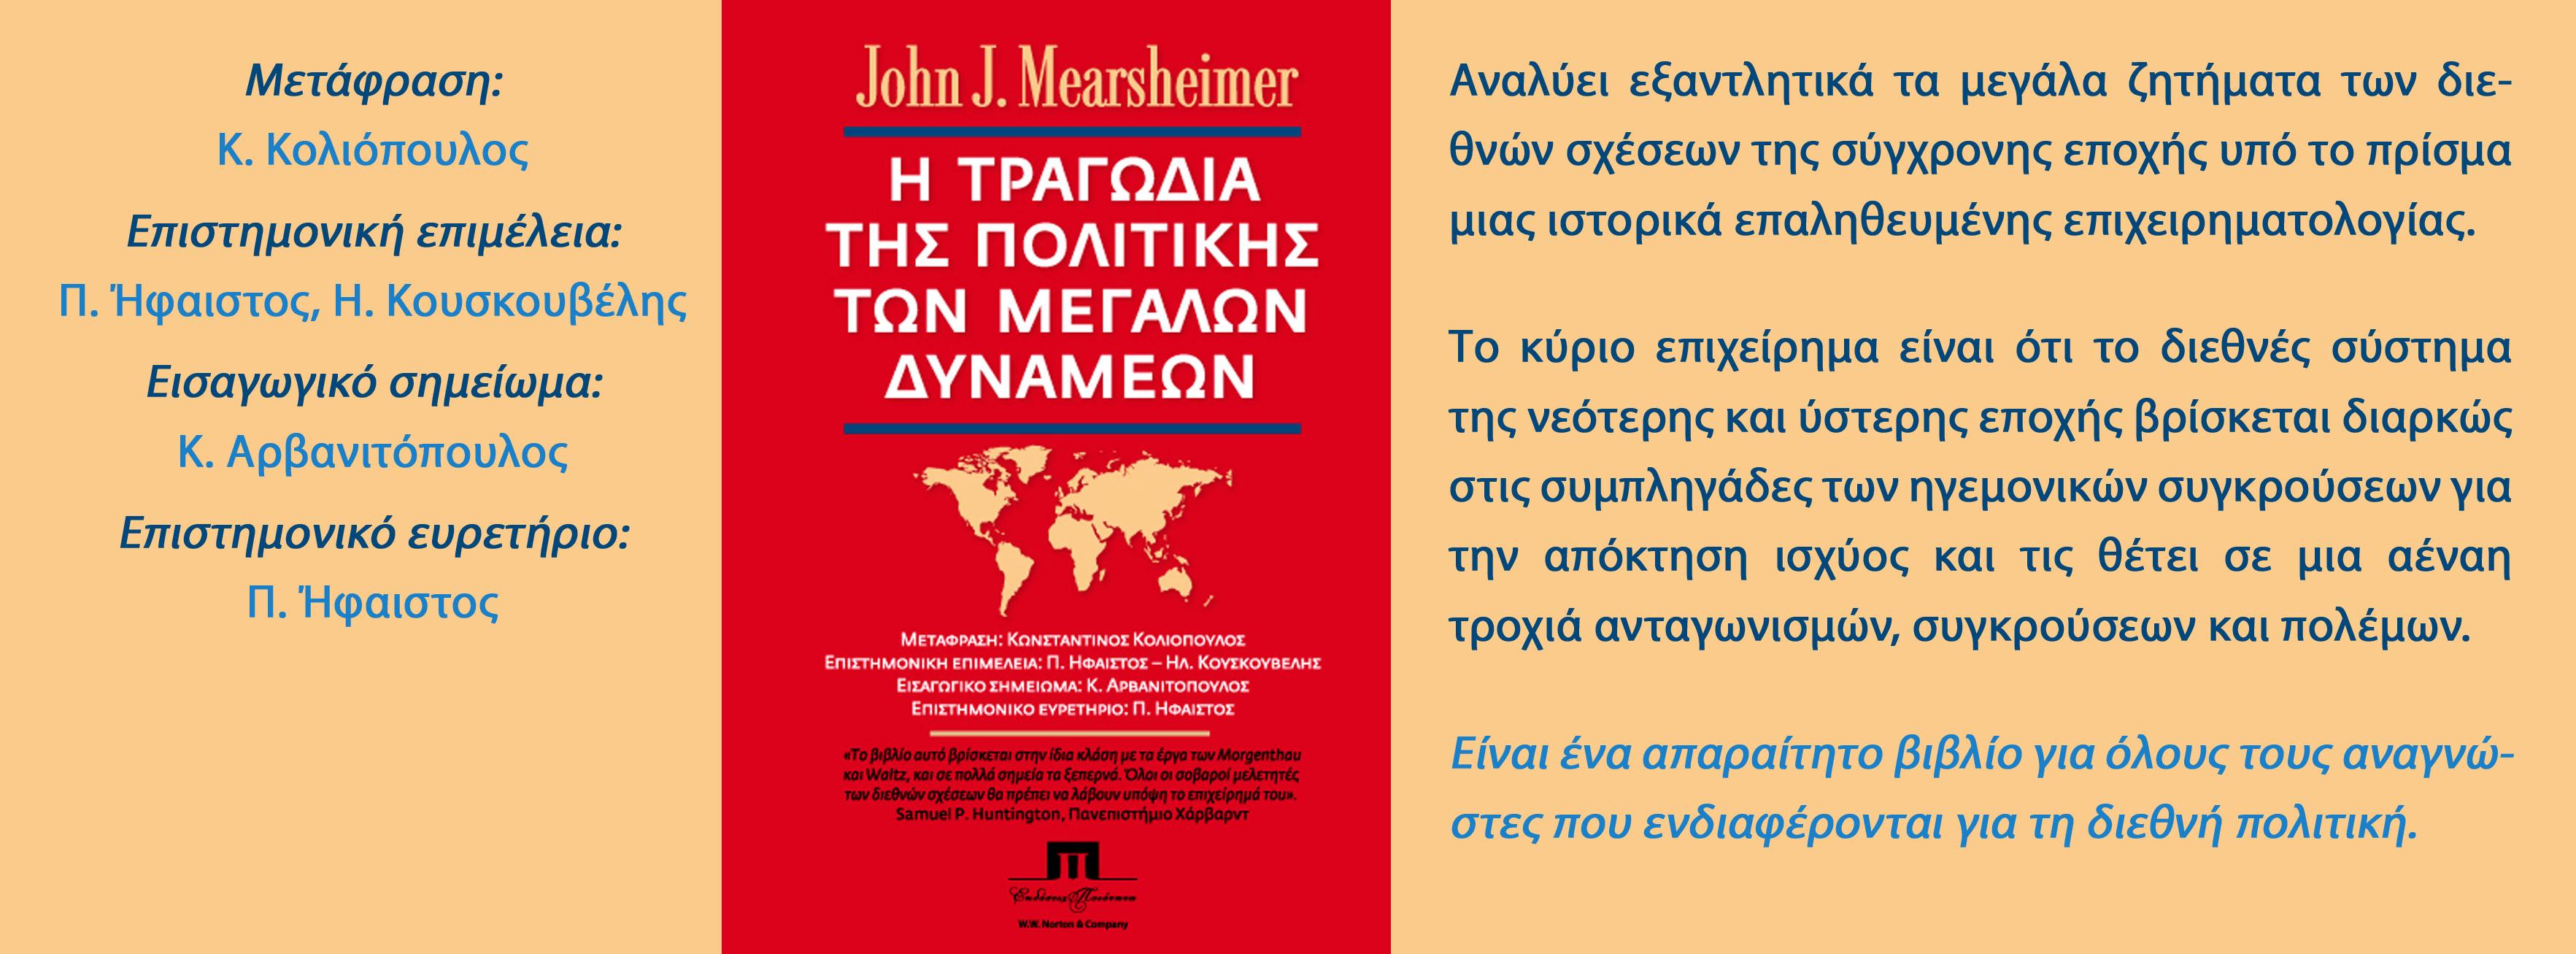 Mearsheimer John J., Η τραγωδία της πολιτικής των μεγάλων δυνάμεων